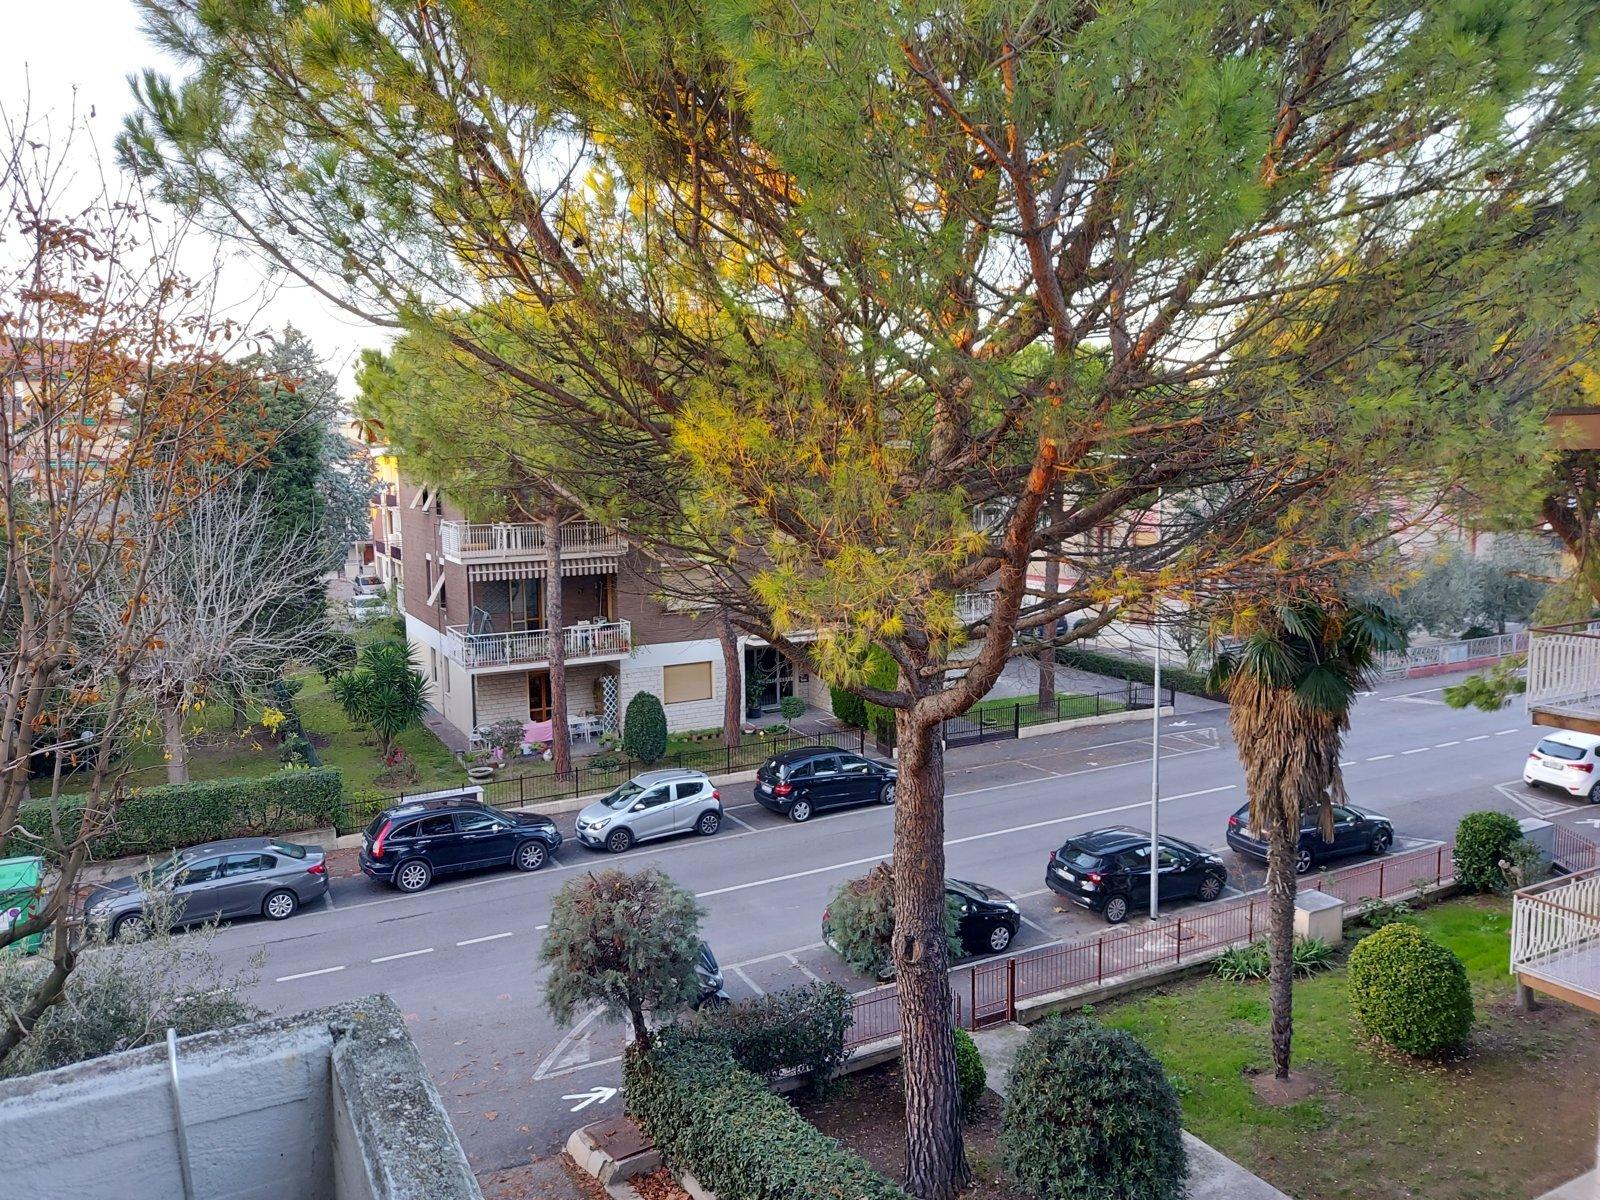 PANTANO 4 LOCALI 110mq + Terrazzo 15mq